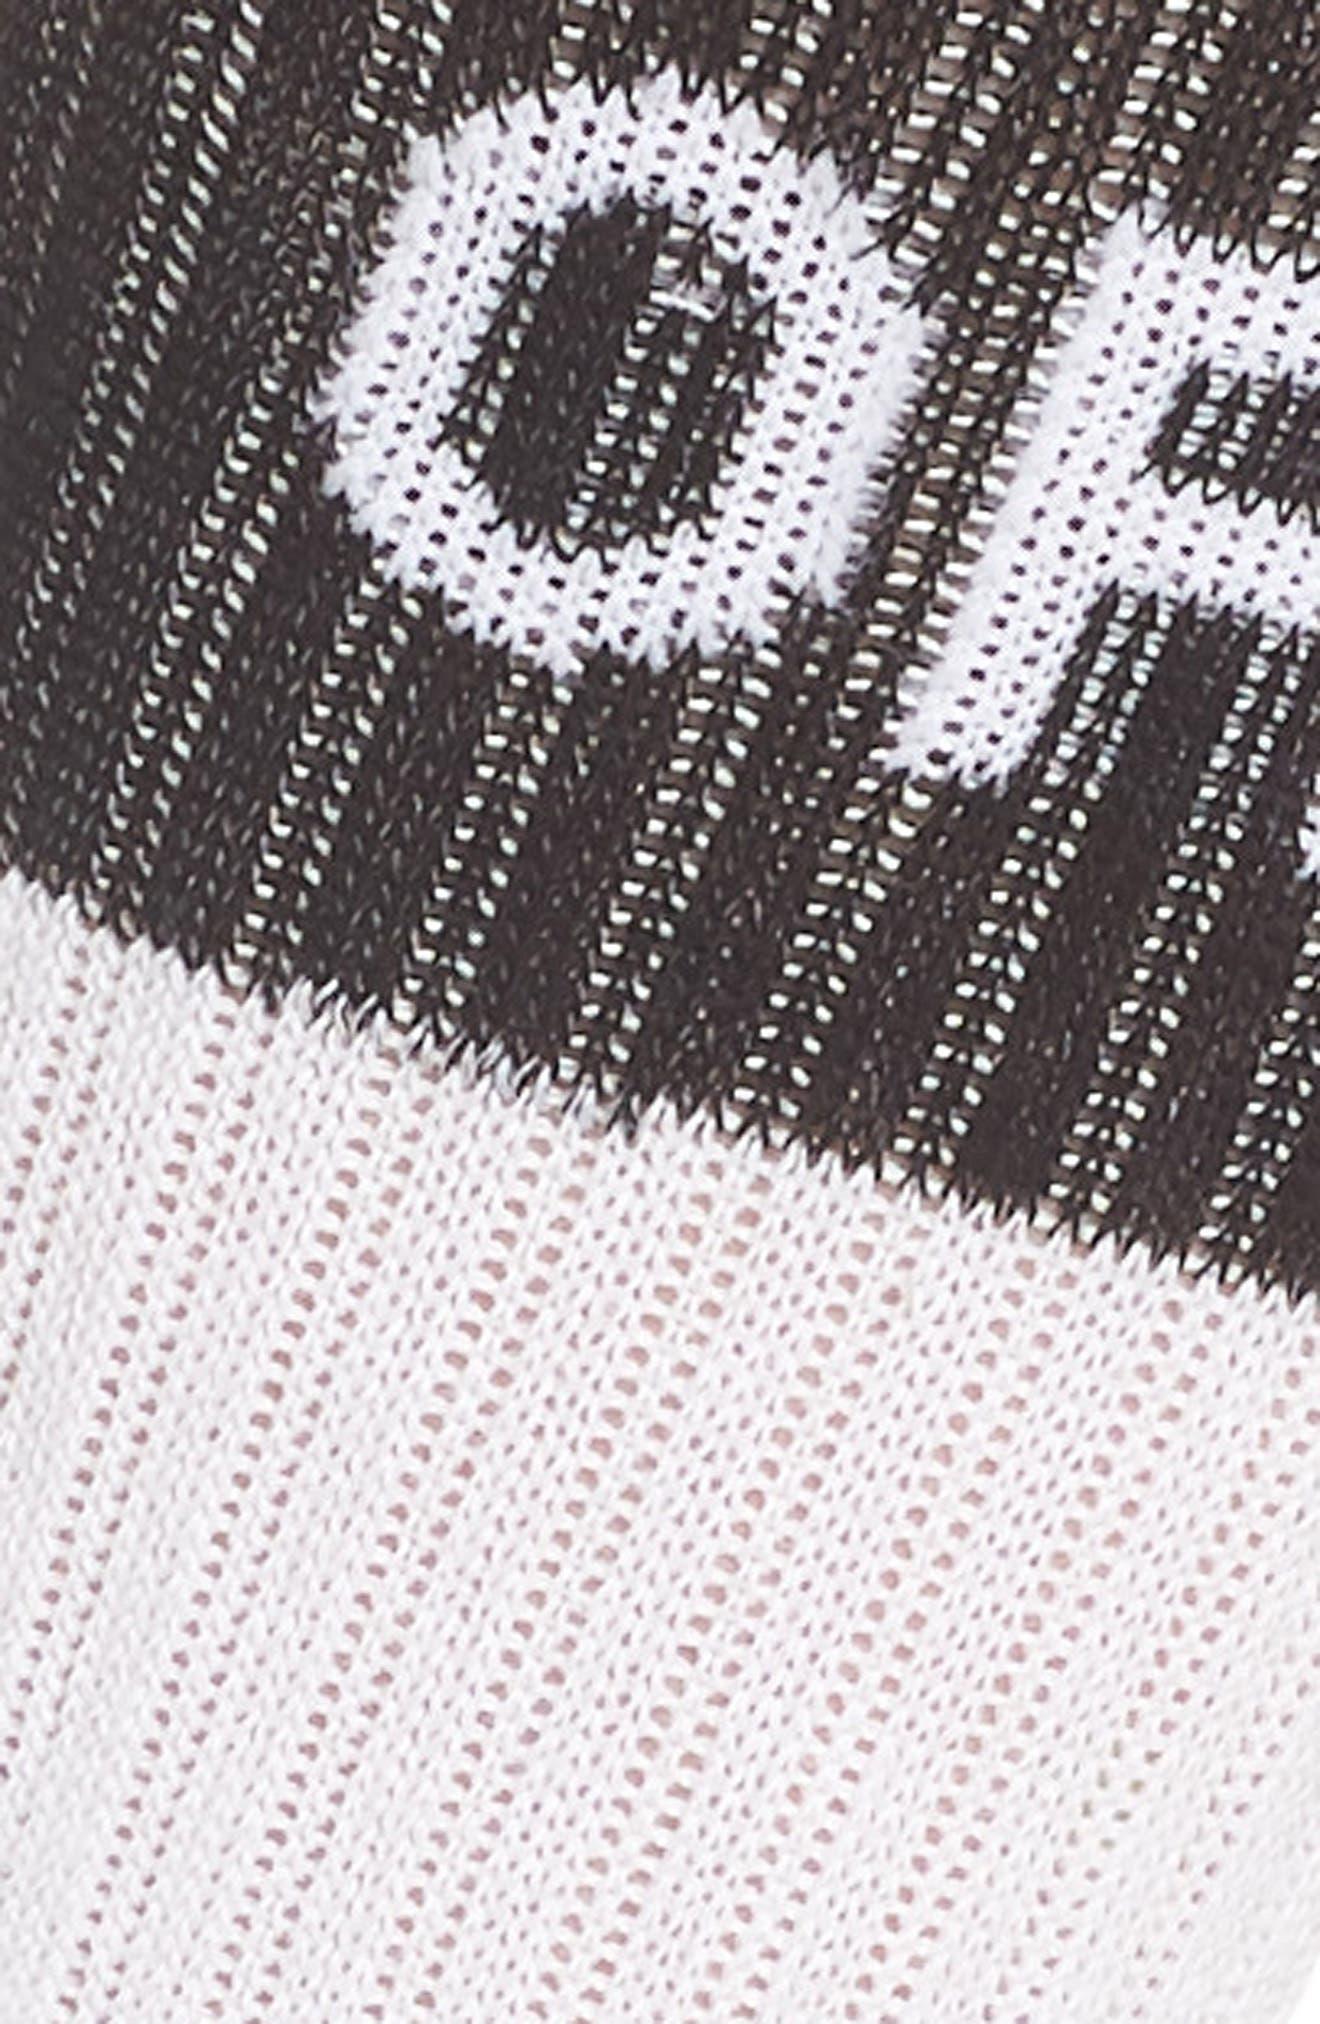 Summer Camp Tube Socks,                             Alternate thumbnail 3, color,                             White/ Black